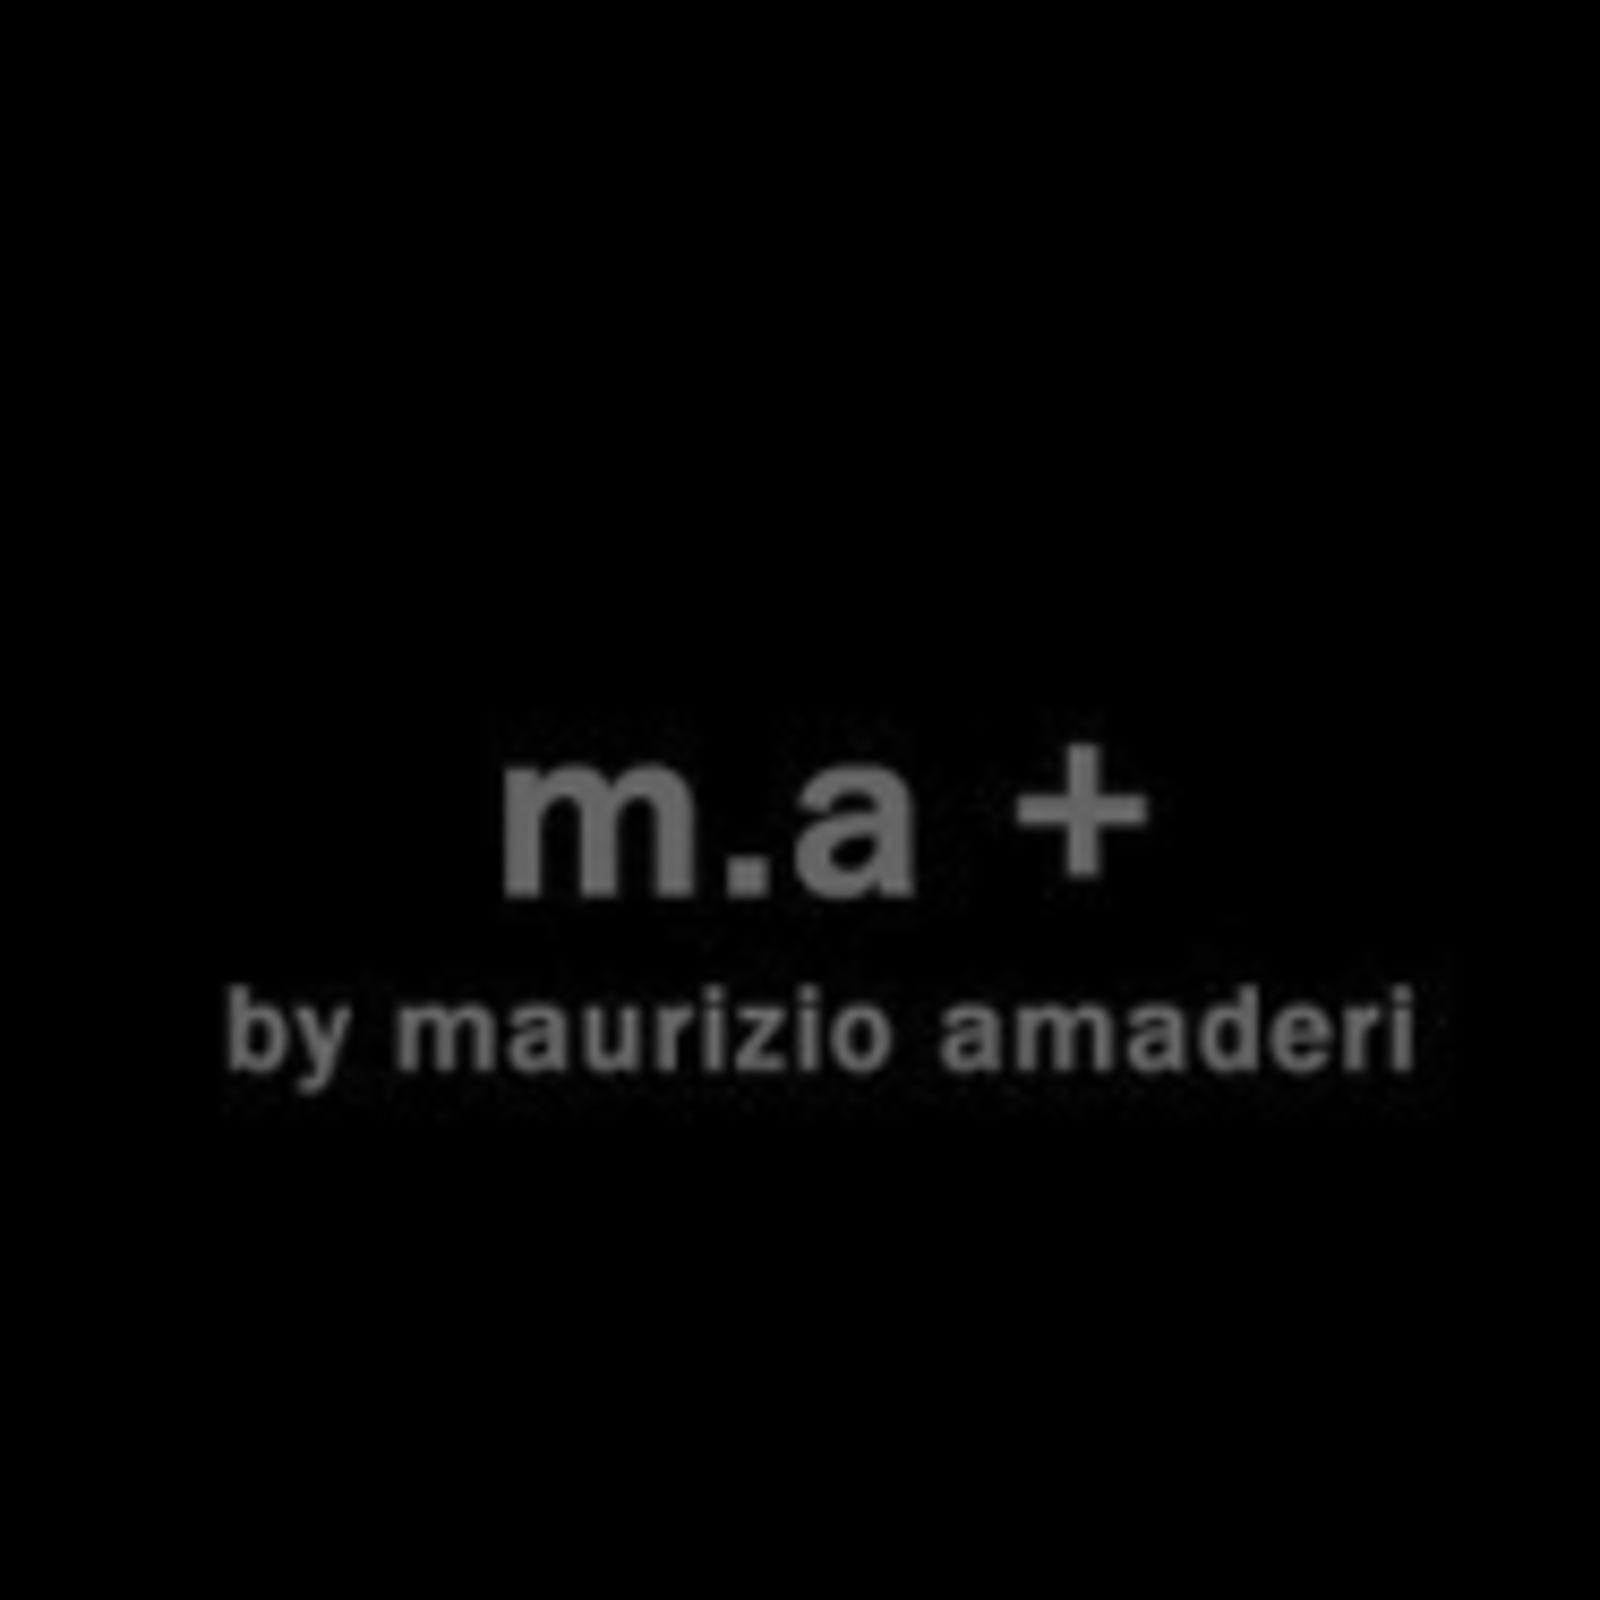 MA+ (Image 1)